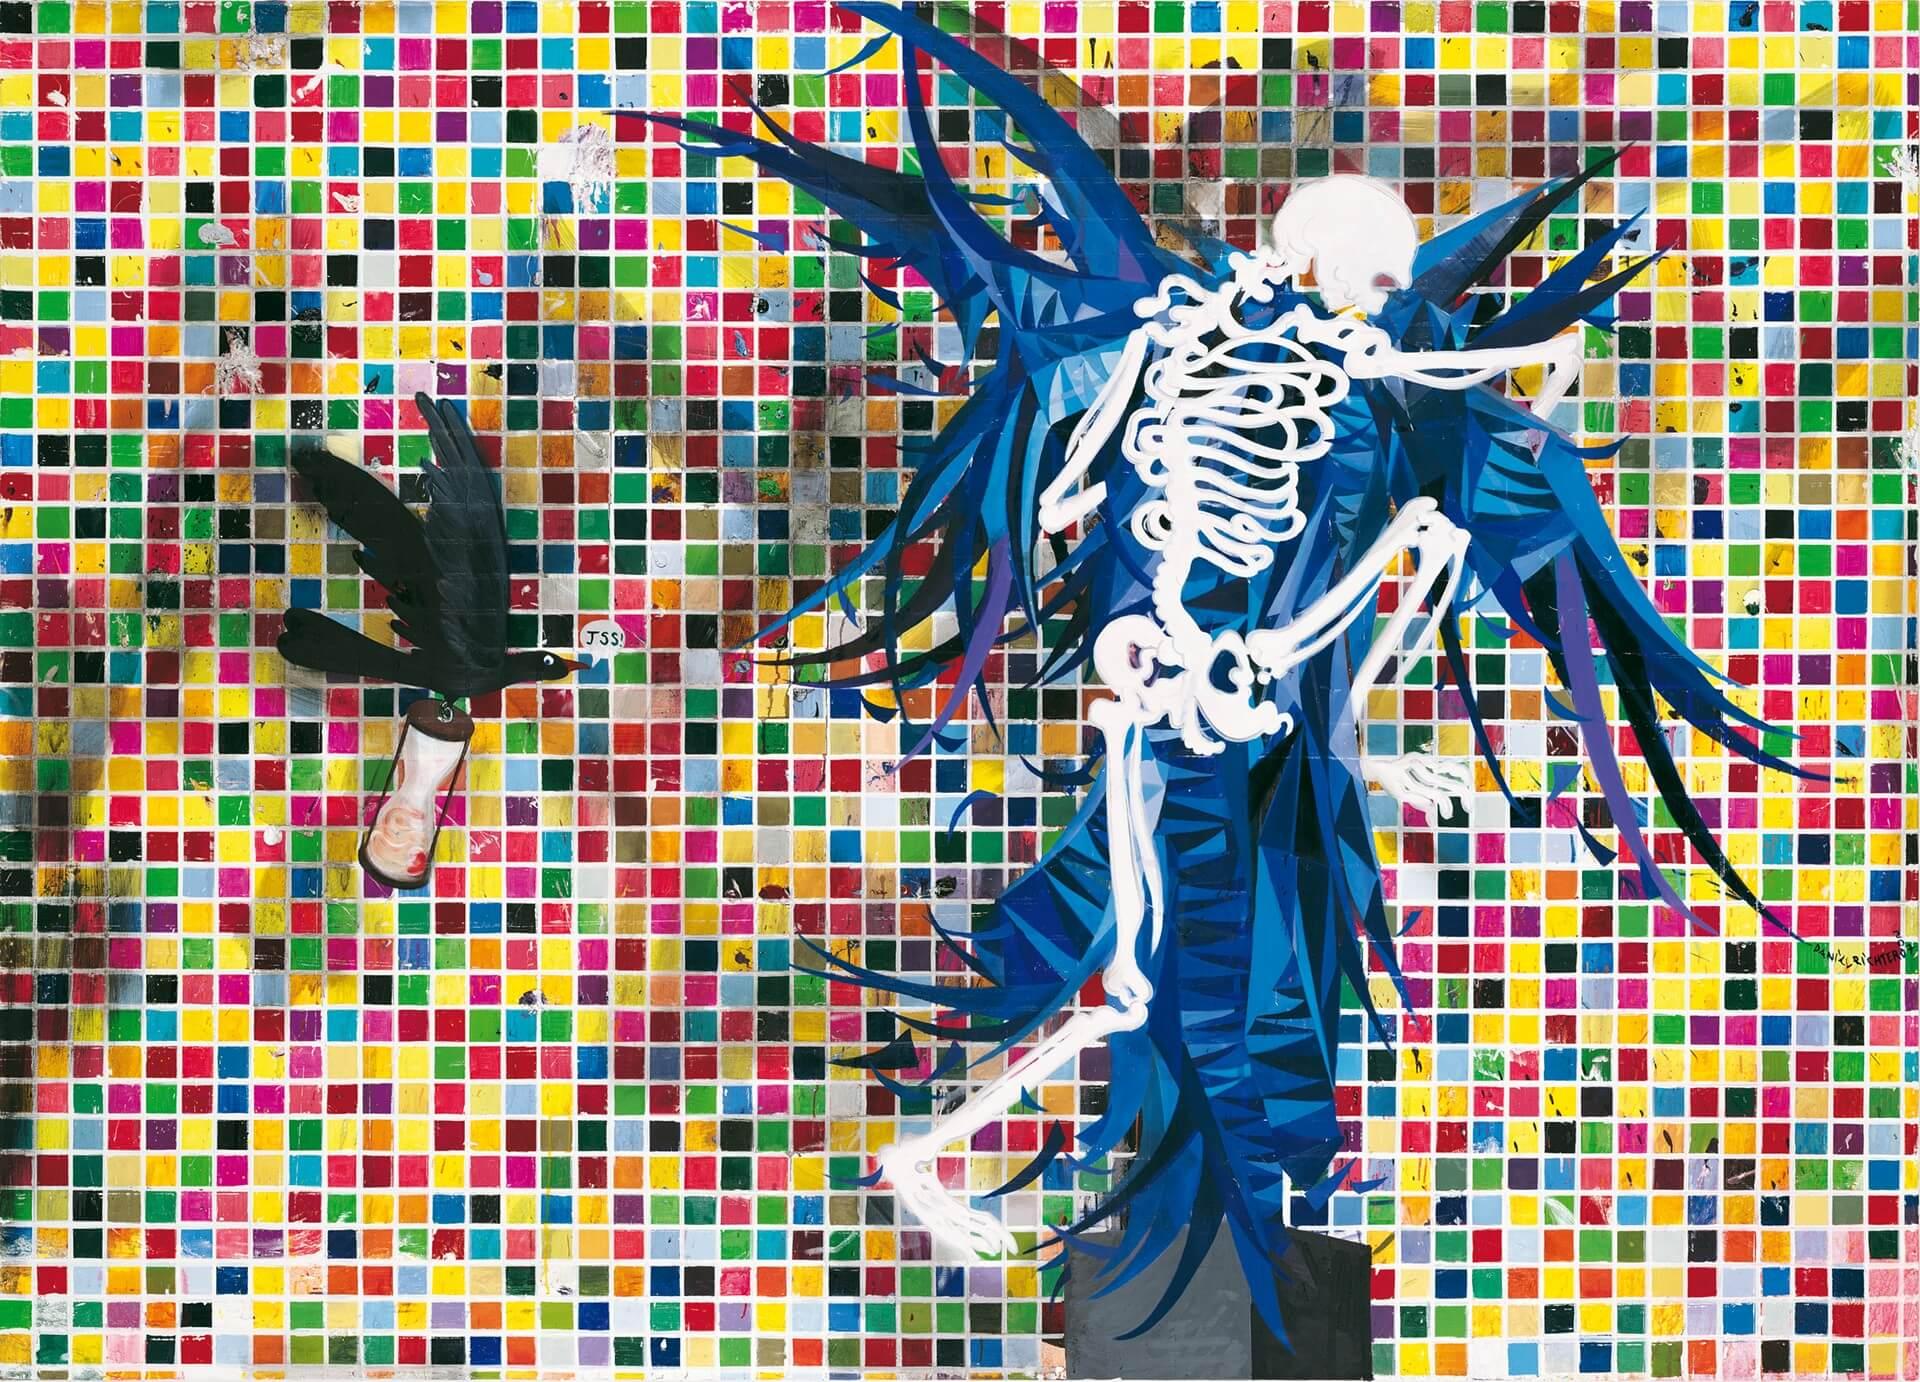 Daniel Richter, Alles Ohne Nichts, 2006-2007 Tatintsian Collection, © Jochen Littkemann, Berlin / © Bildrecht, Wien 2017 Öl auf Leinwand 230 x 320 cm.